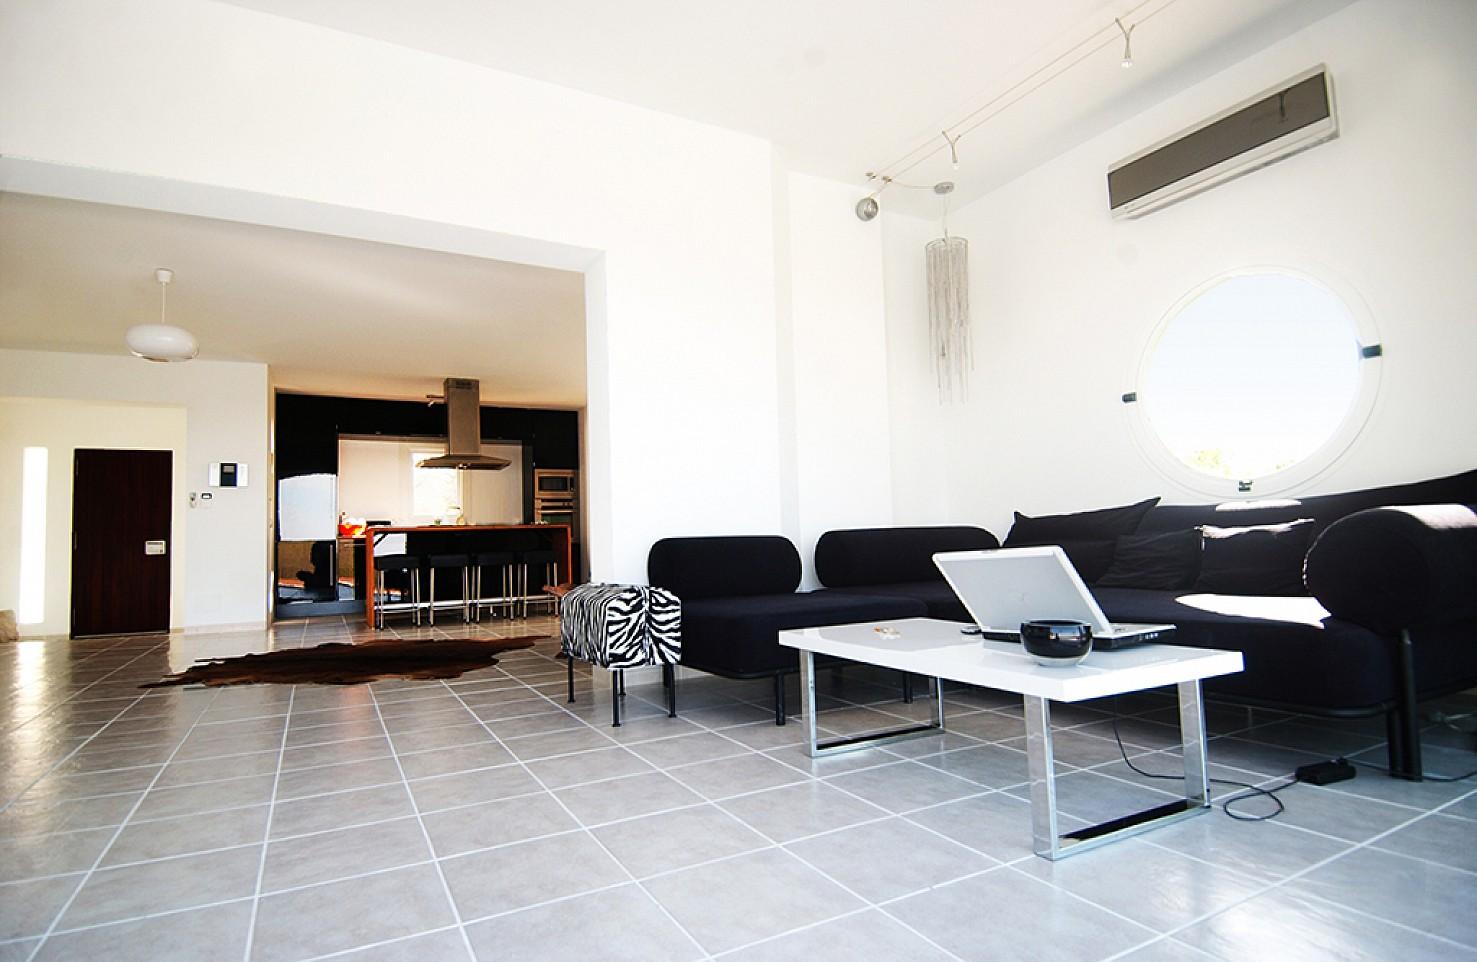 Просторная гостиная виллы в балеарском стиле